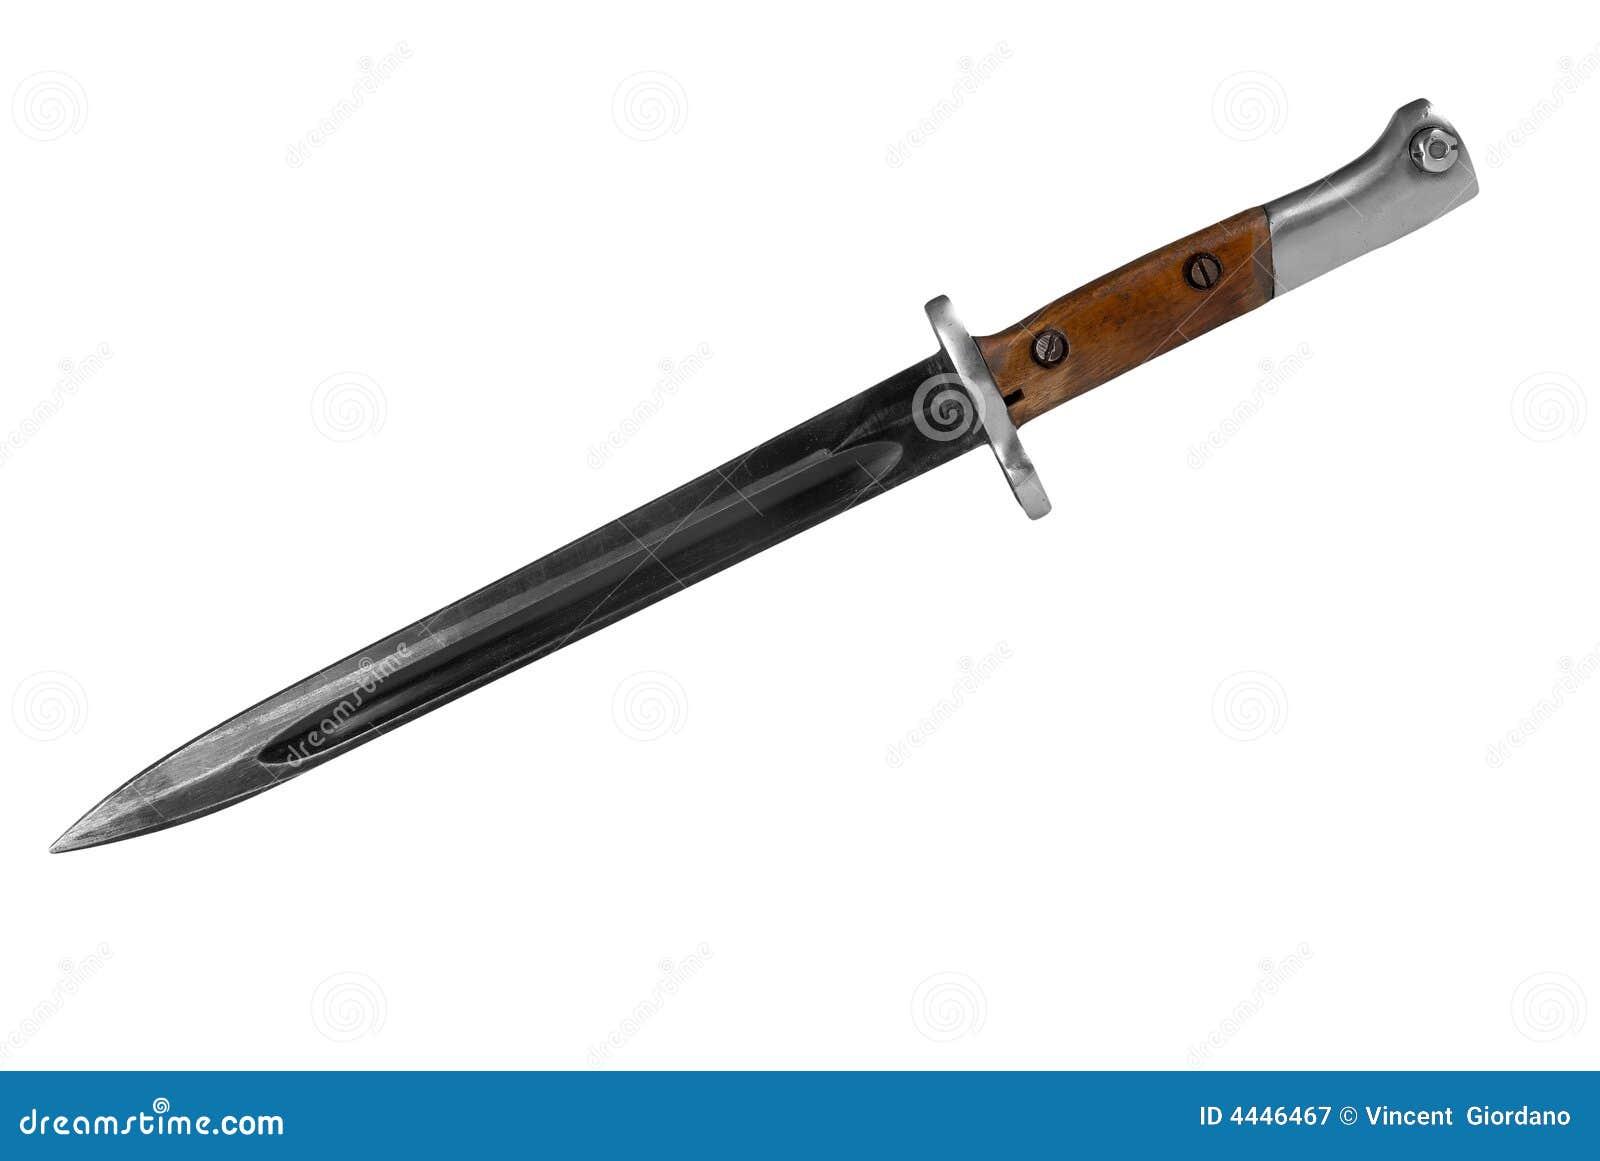 Military bayonet